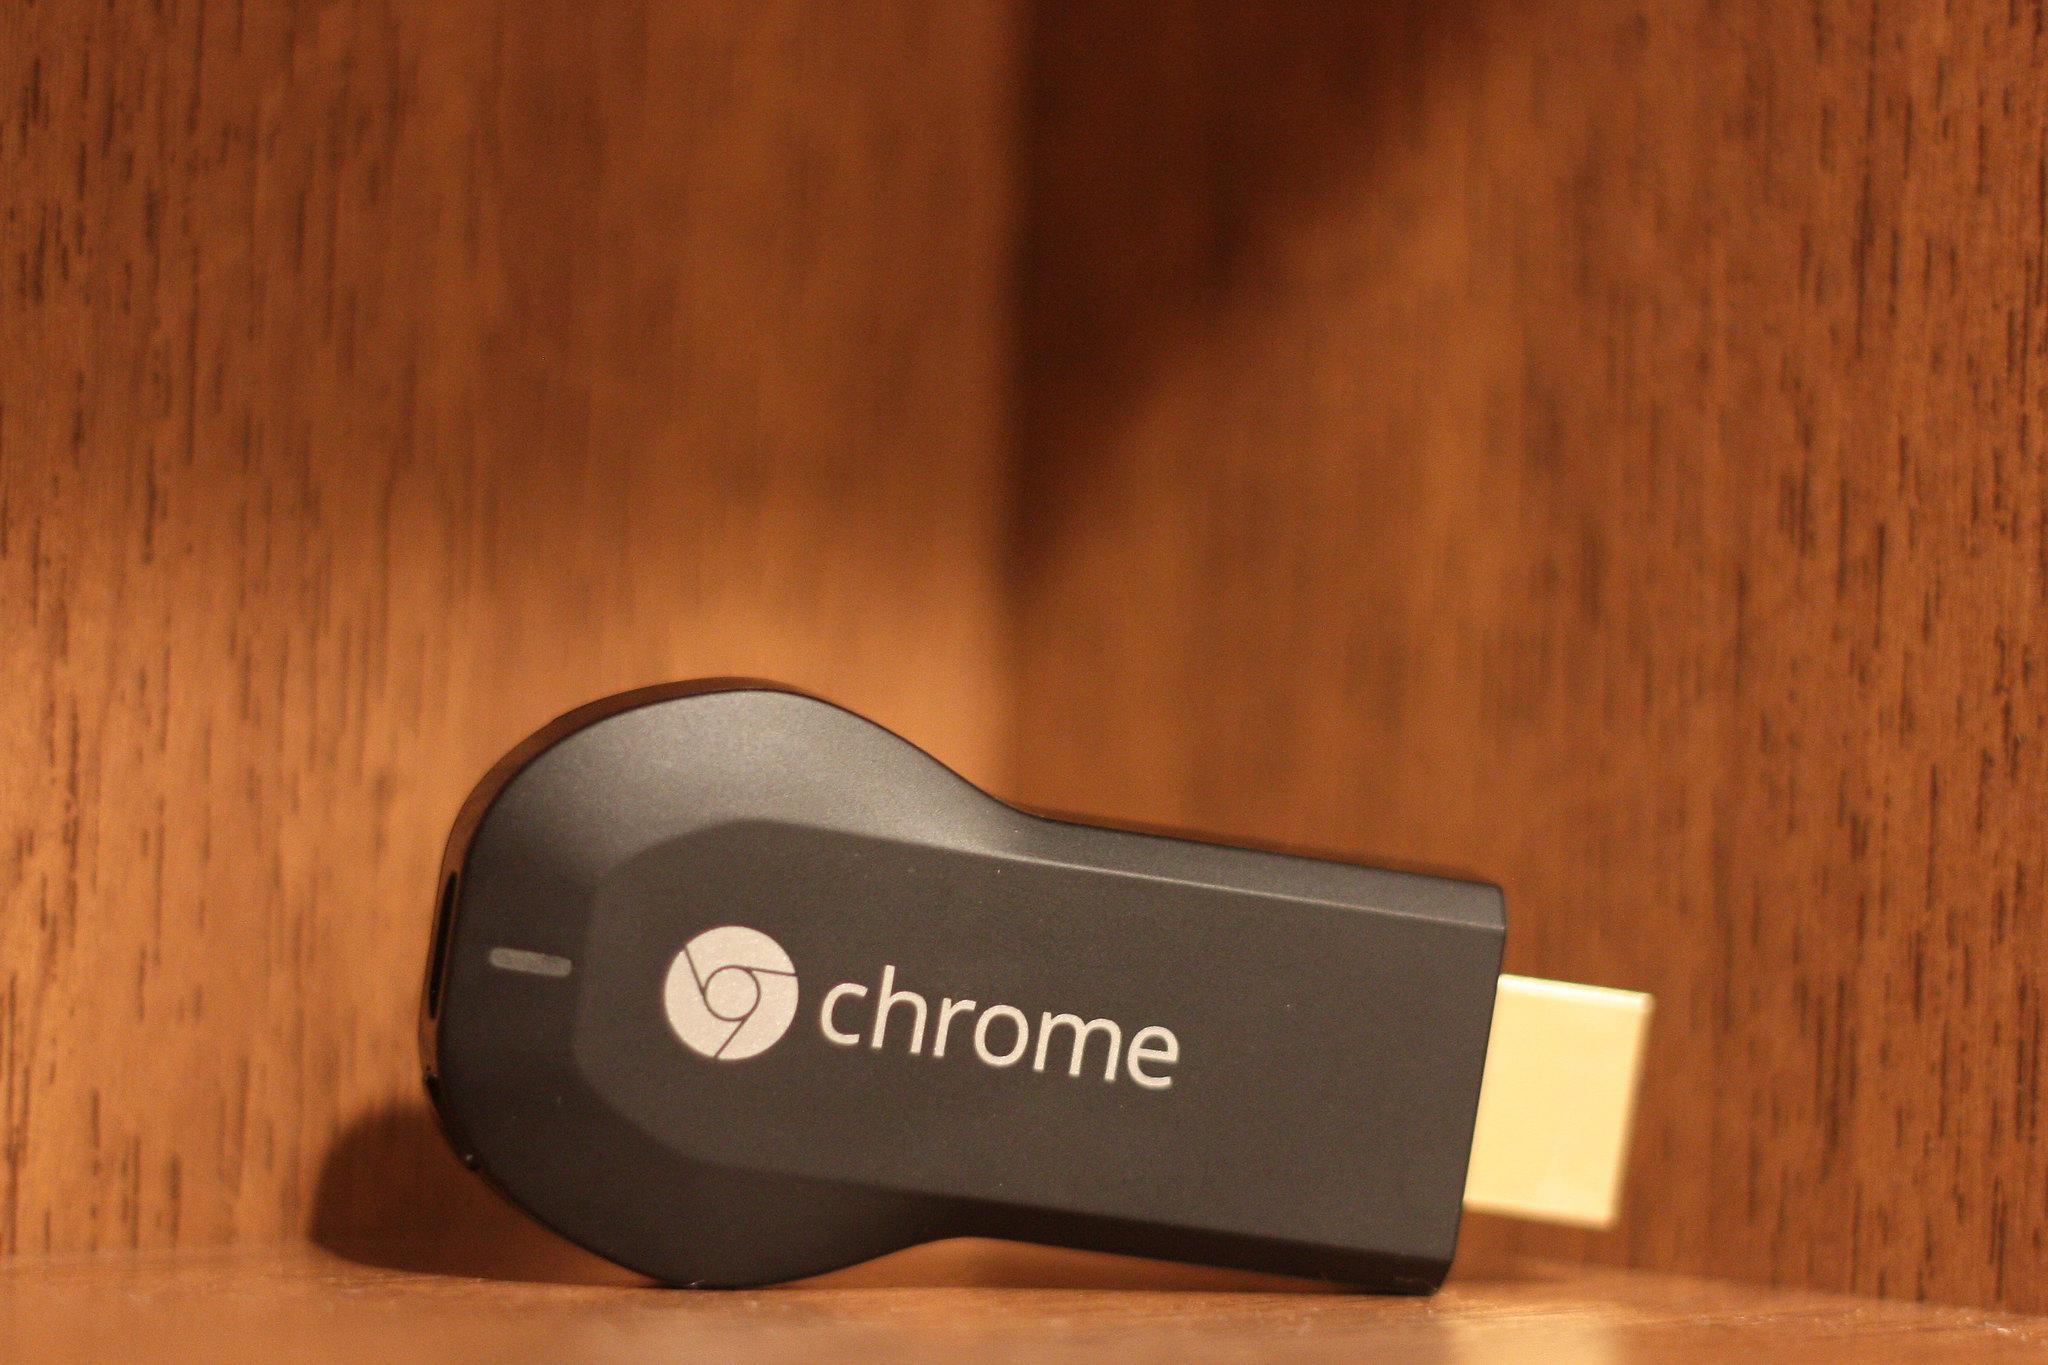 初代Chromecast、メジャーアップデートの提供終了か